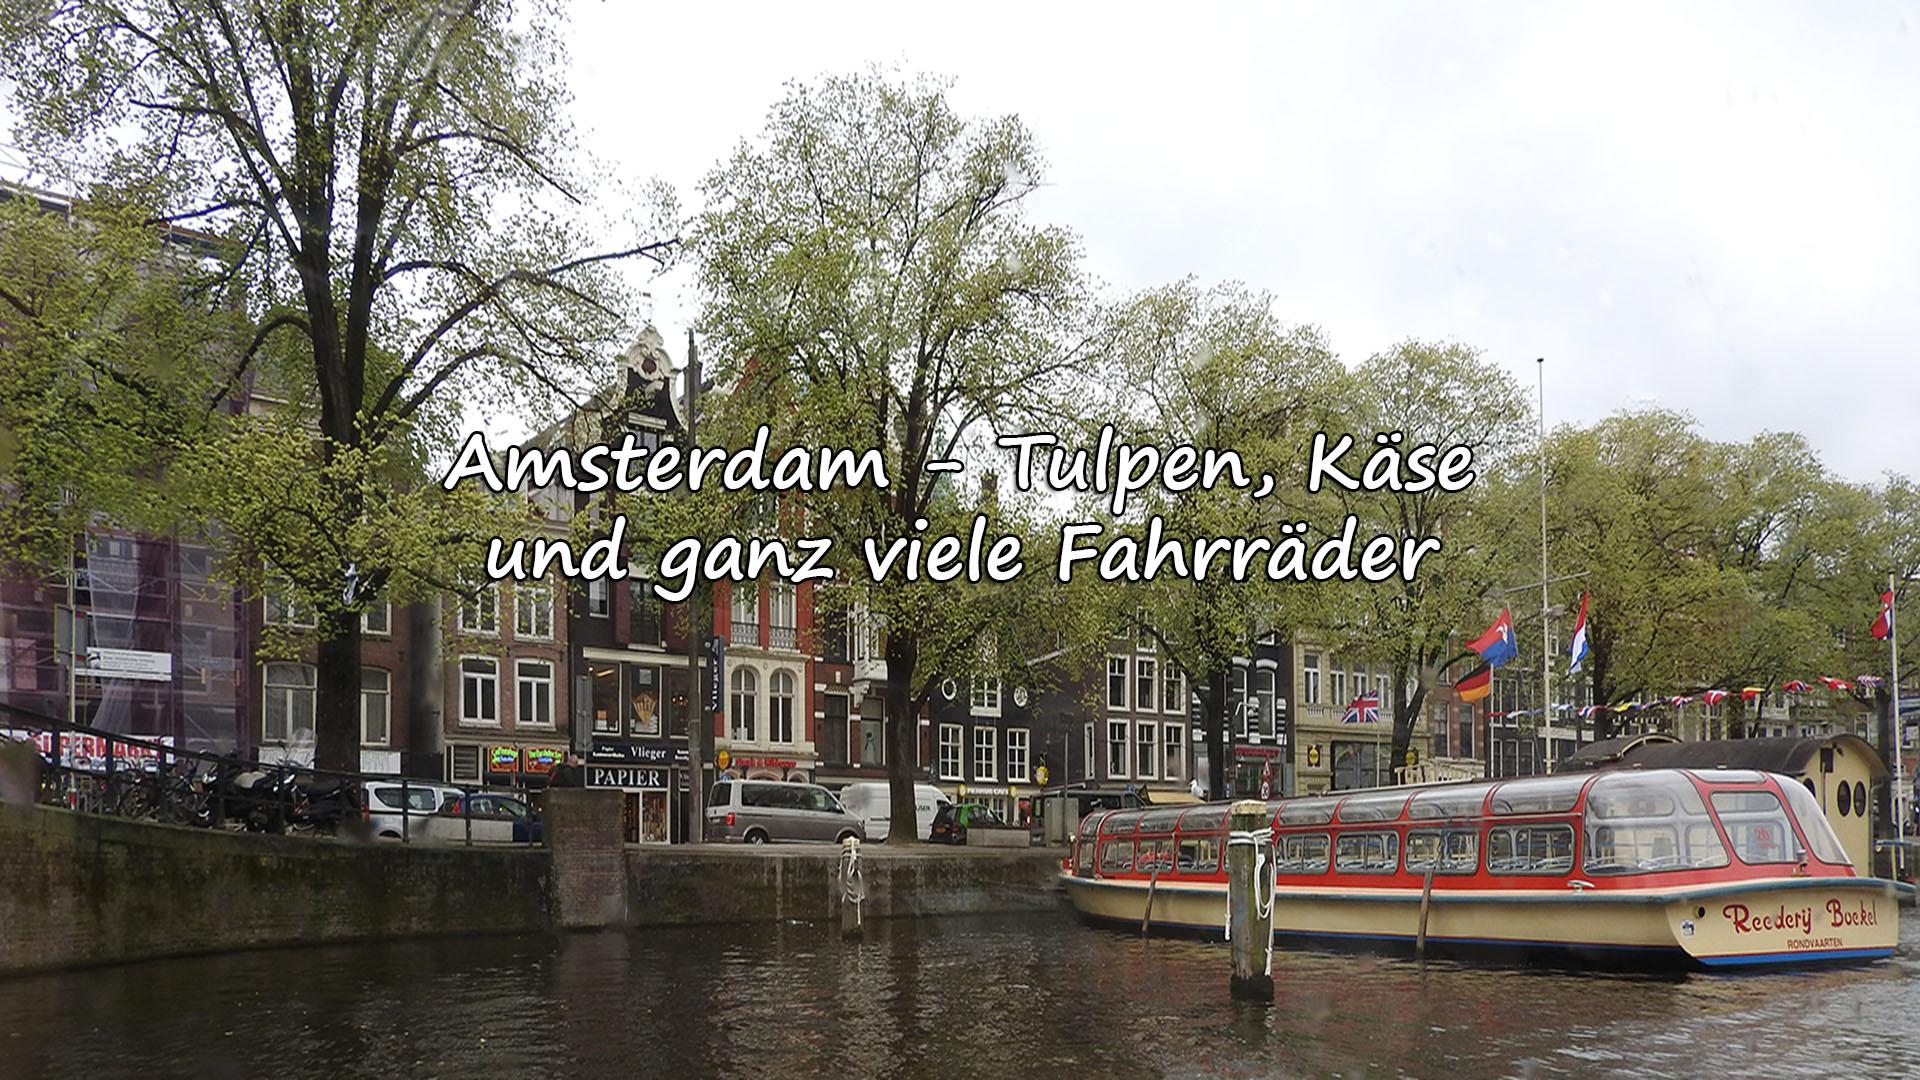 Amsterdam - Tulpen, Käse und ganz viele Fahrräder auf Kochen-verstehen.de